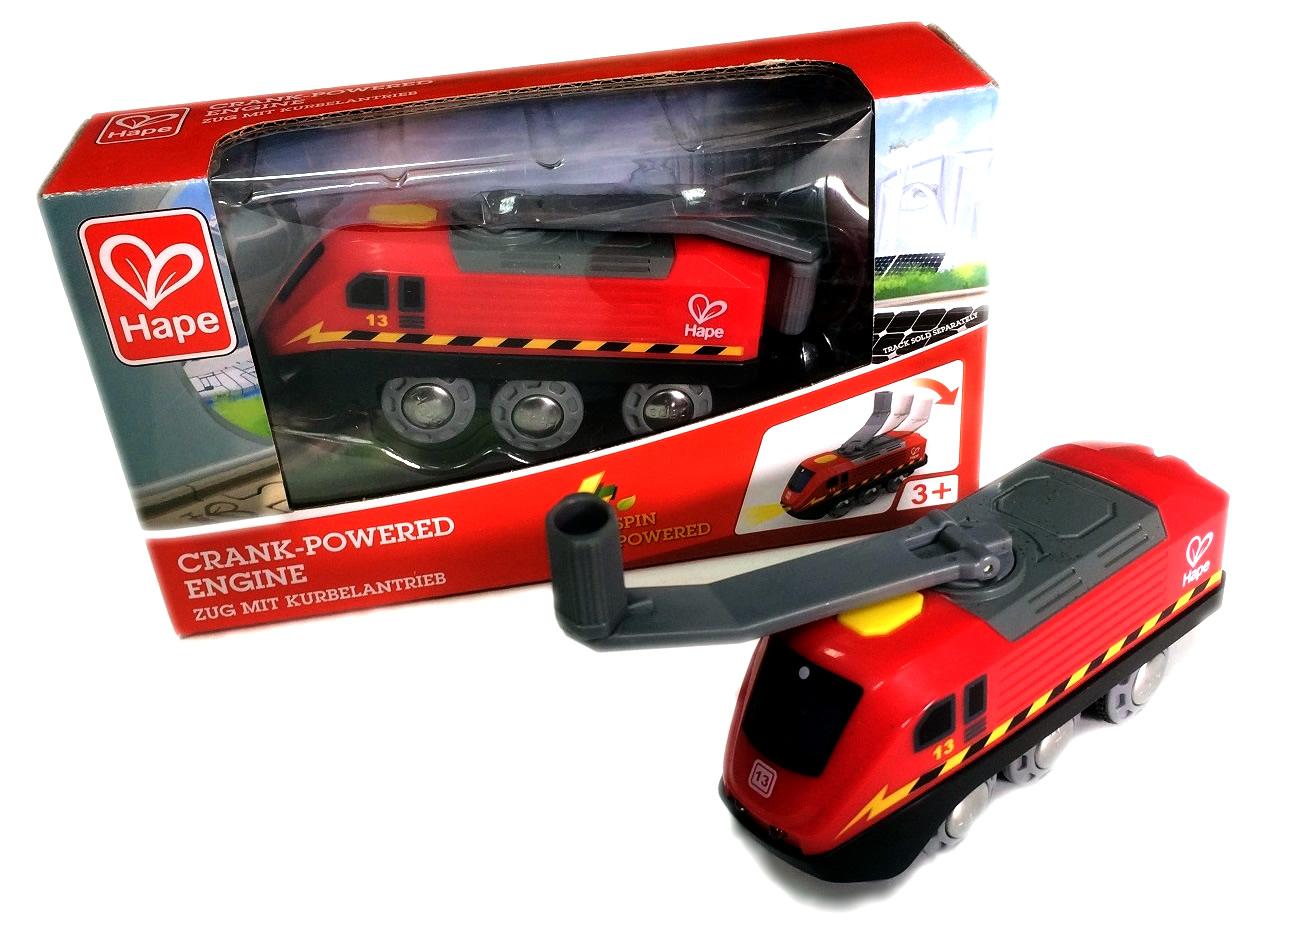 Ekologiczna lokomotywa jeżdżąca z ładowarką - Hape